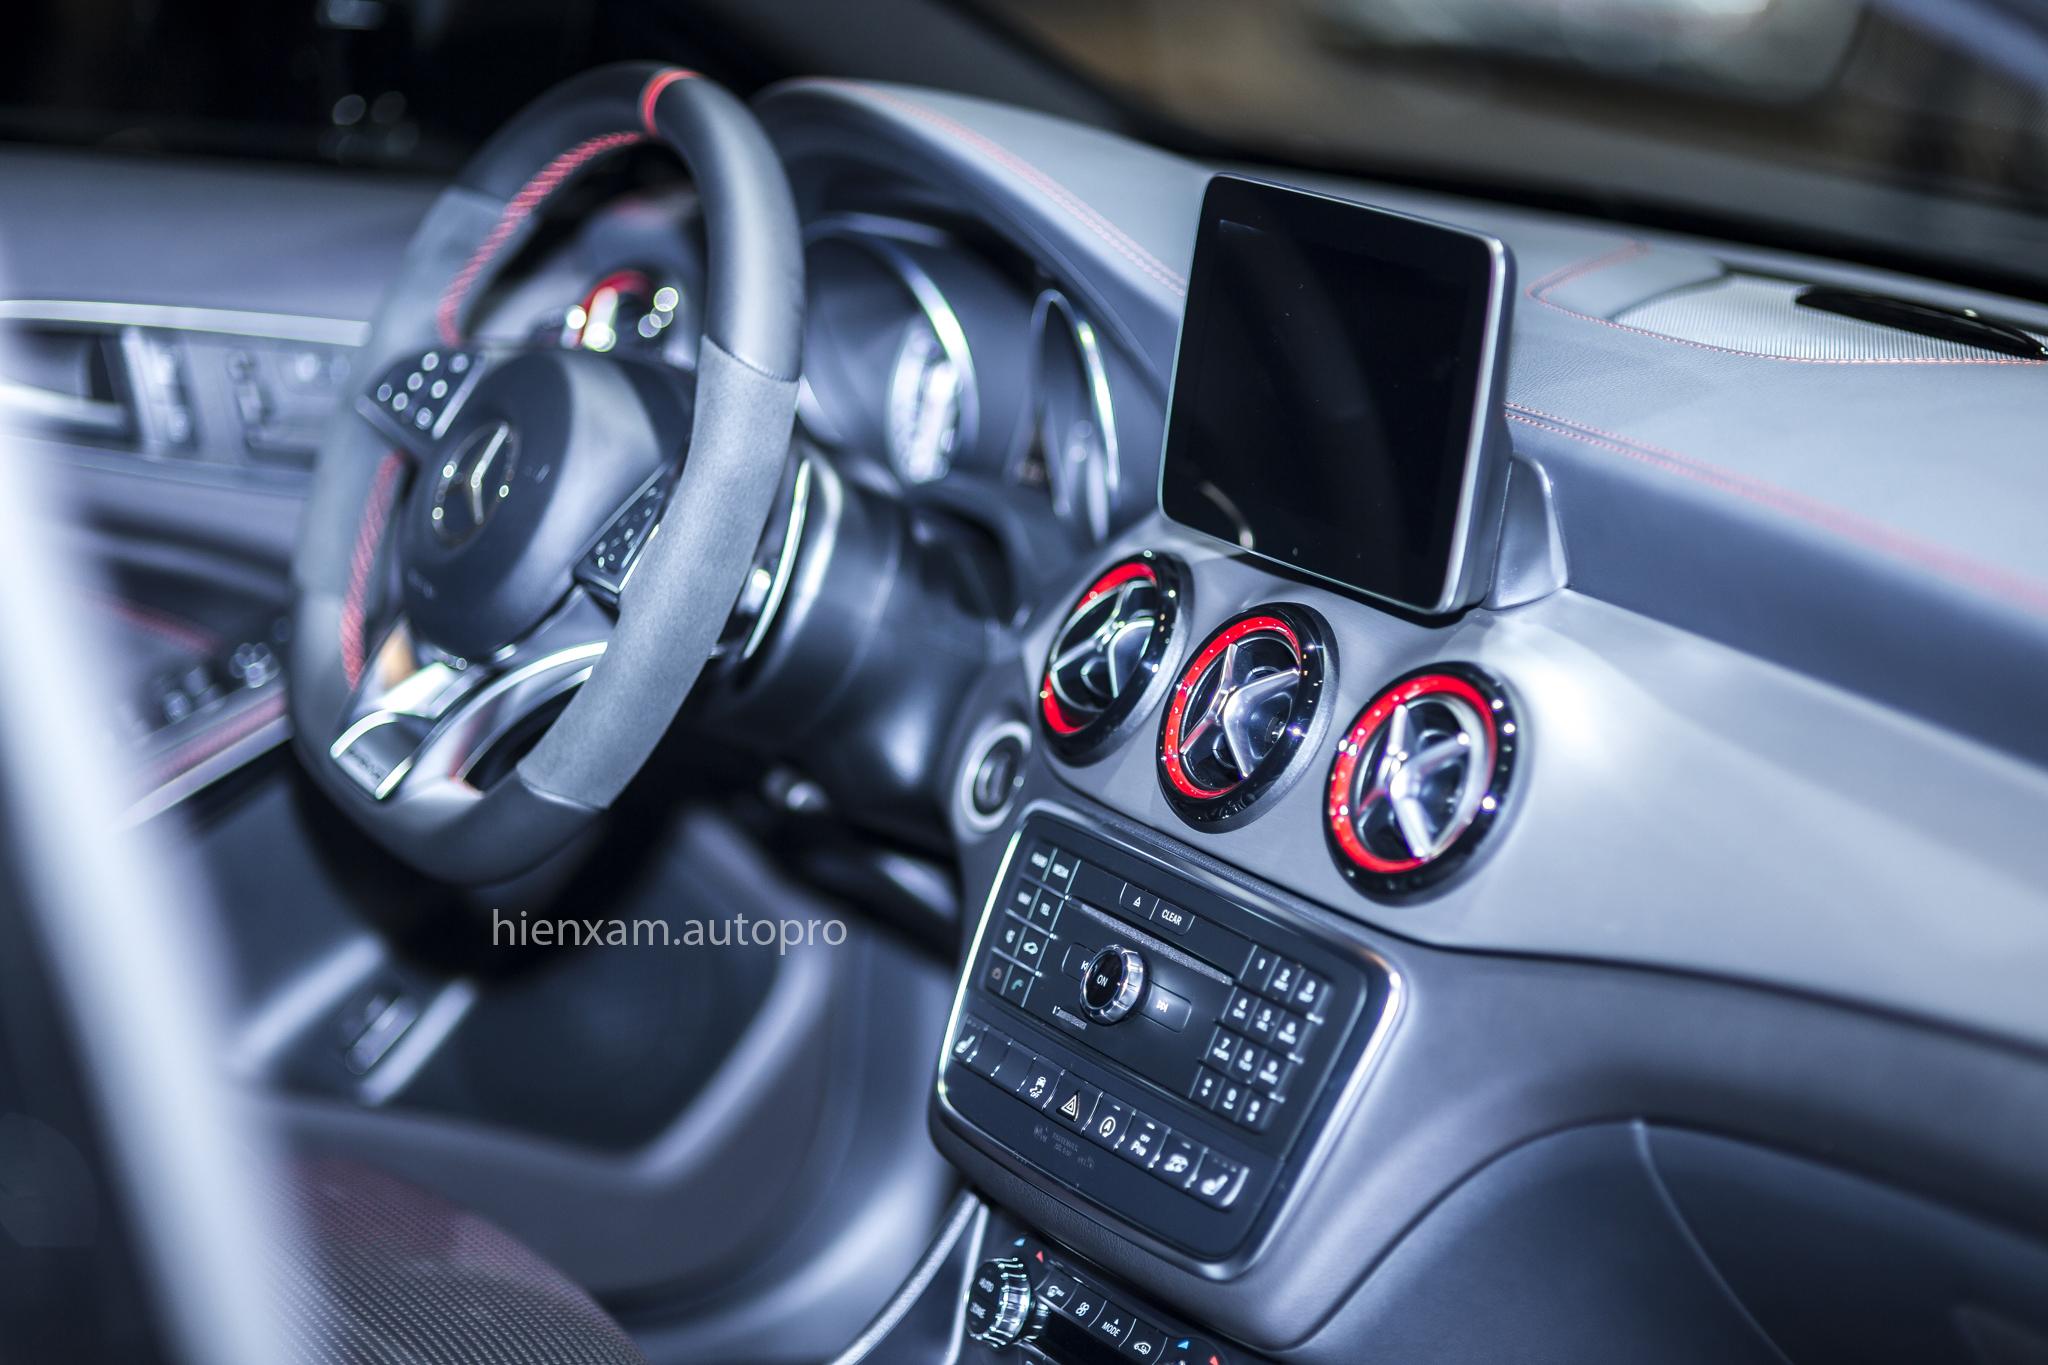 Cận cảnh Mercedes-Benz GLA 45 AMG giá 2,279 tỉ đồng - Ảnh 7.